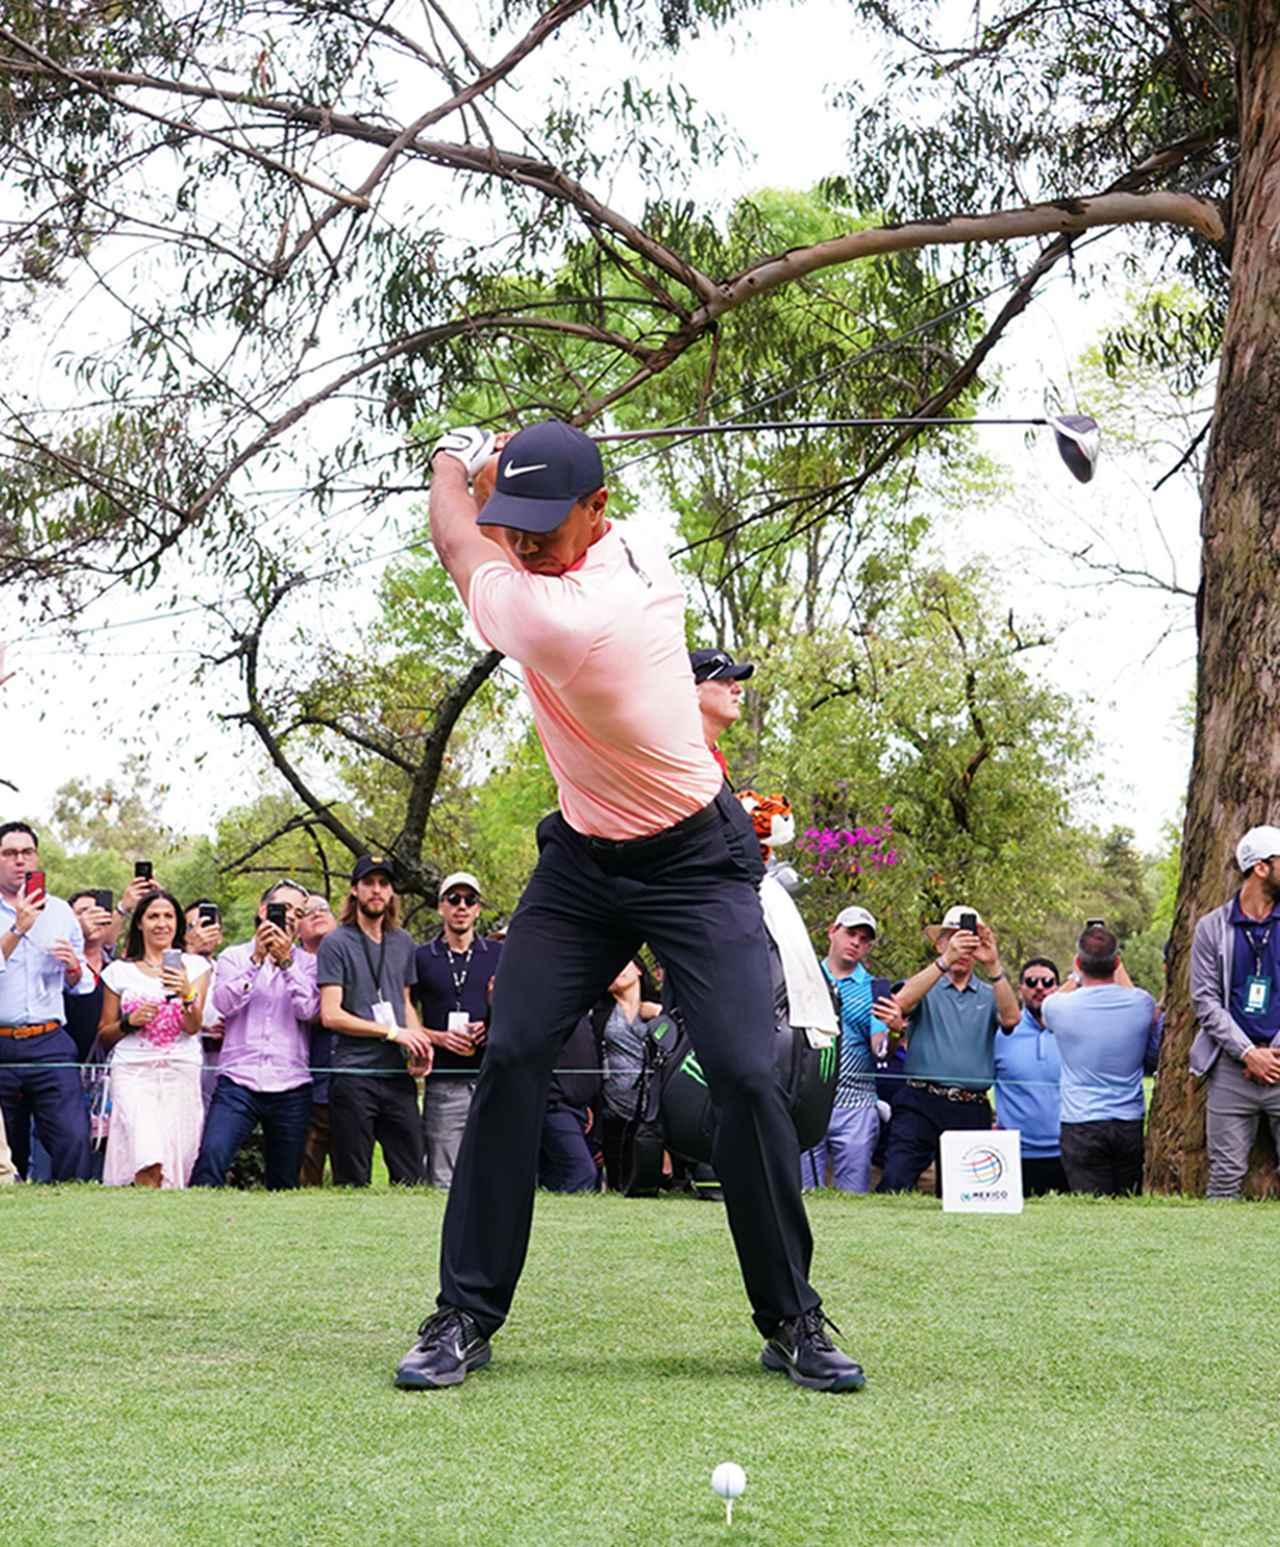 画像20: 【平成スウィング変遷史②】タイガー・ウッズが切り開いたパワーゴルフの時代